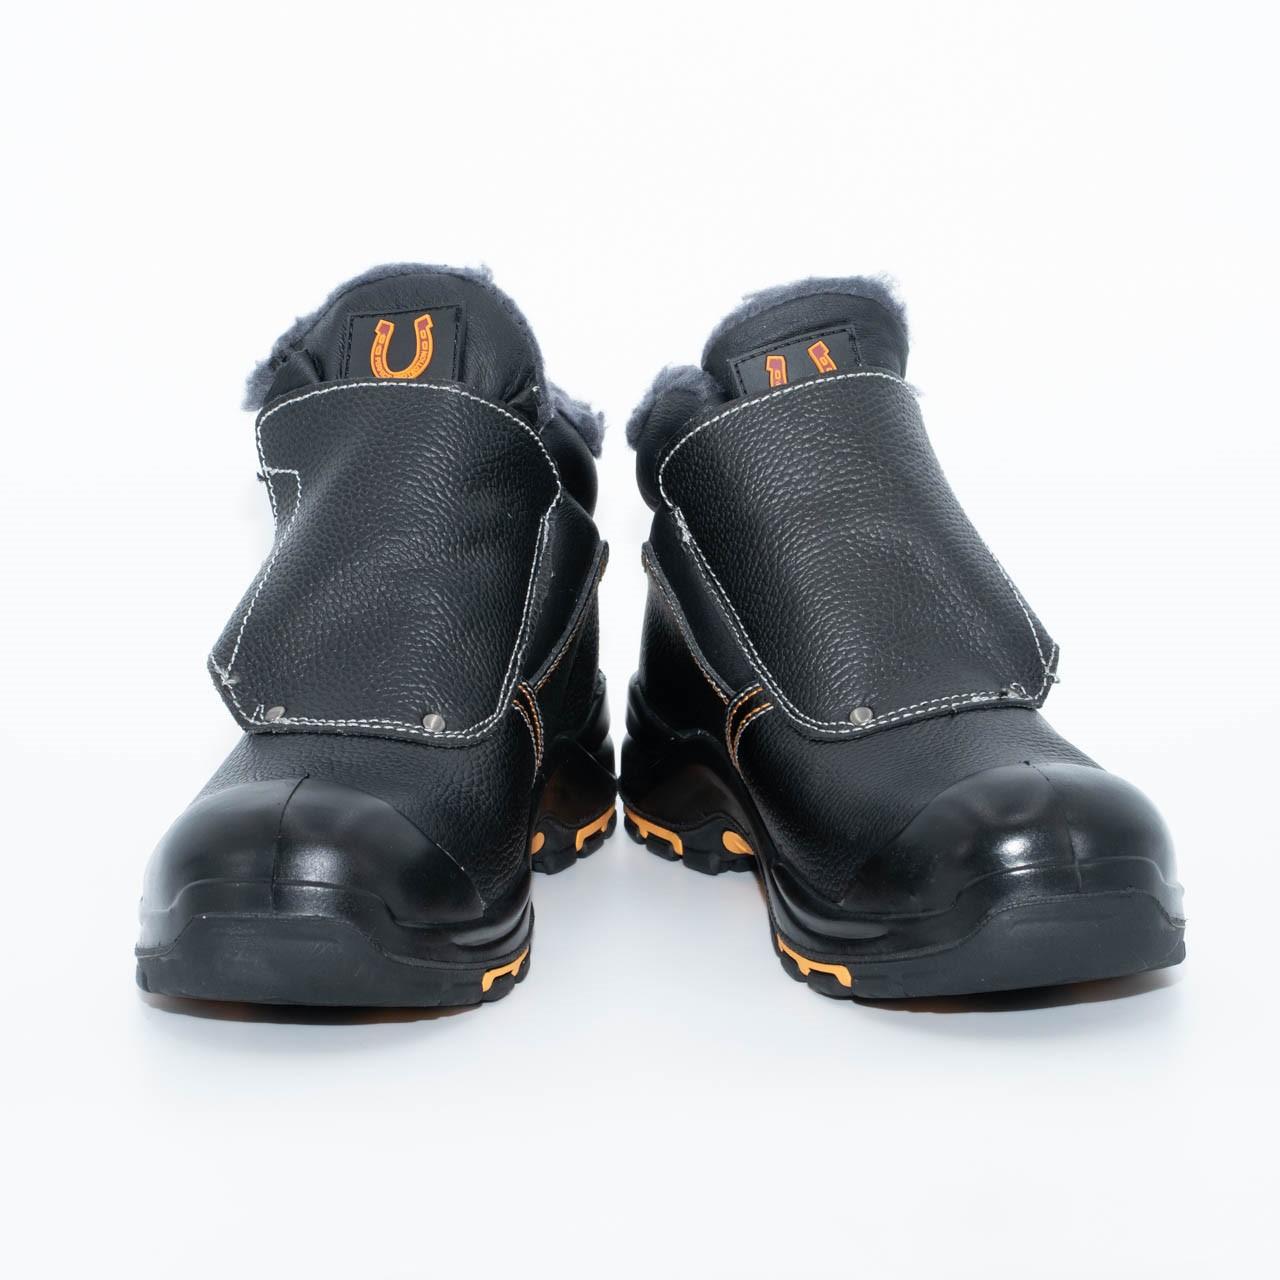 Ботинки сварщик утеплённые «PERFECT PROTECTION» ПУ-Нитрил с ПП и АС